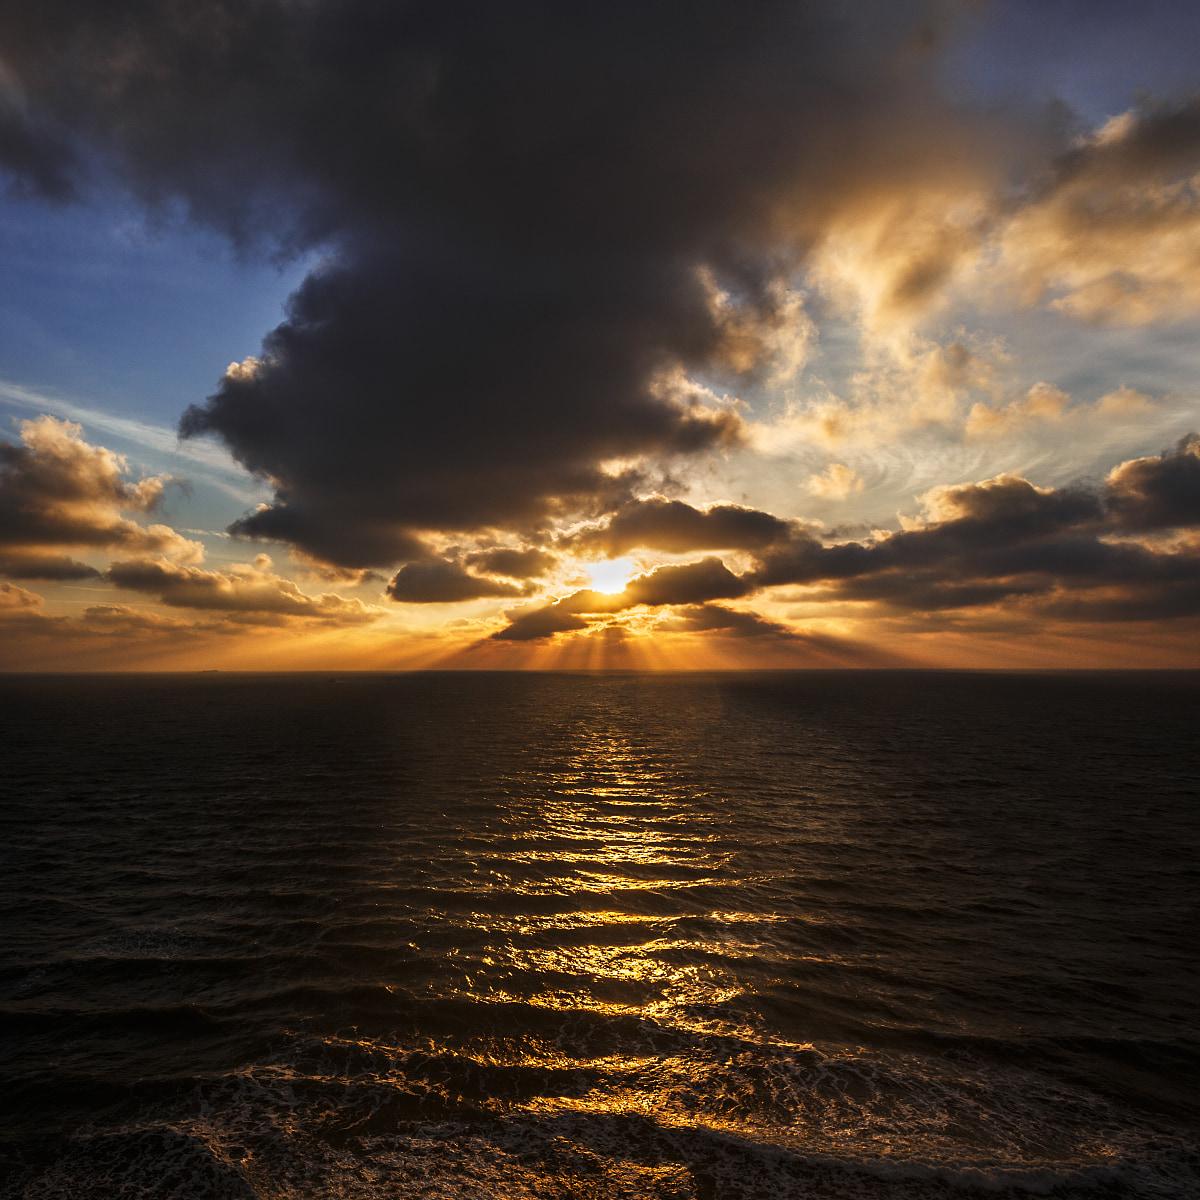 Sunrise at Baltic Sea